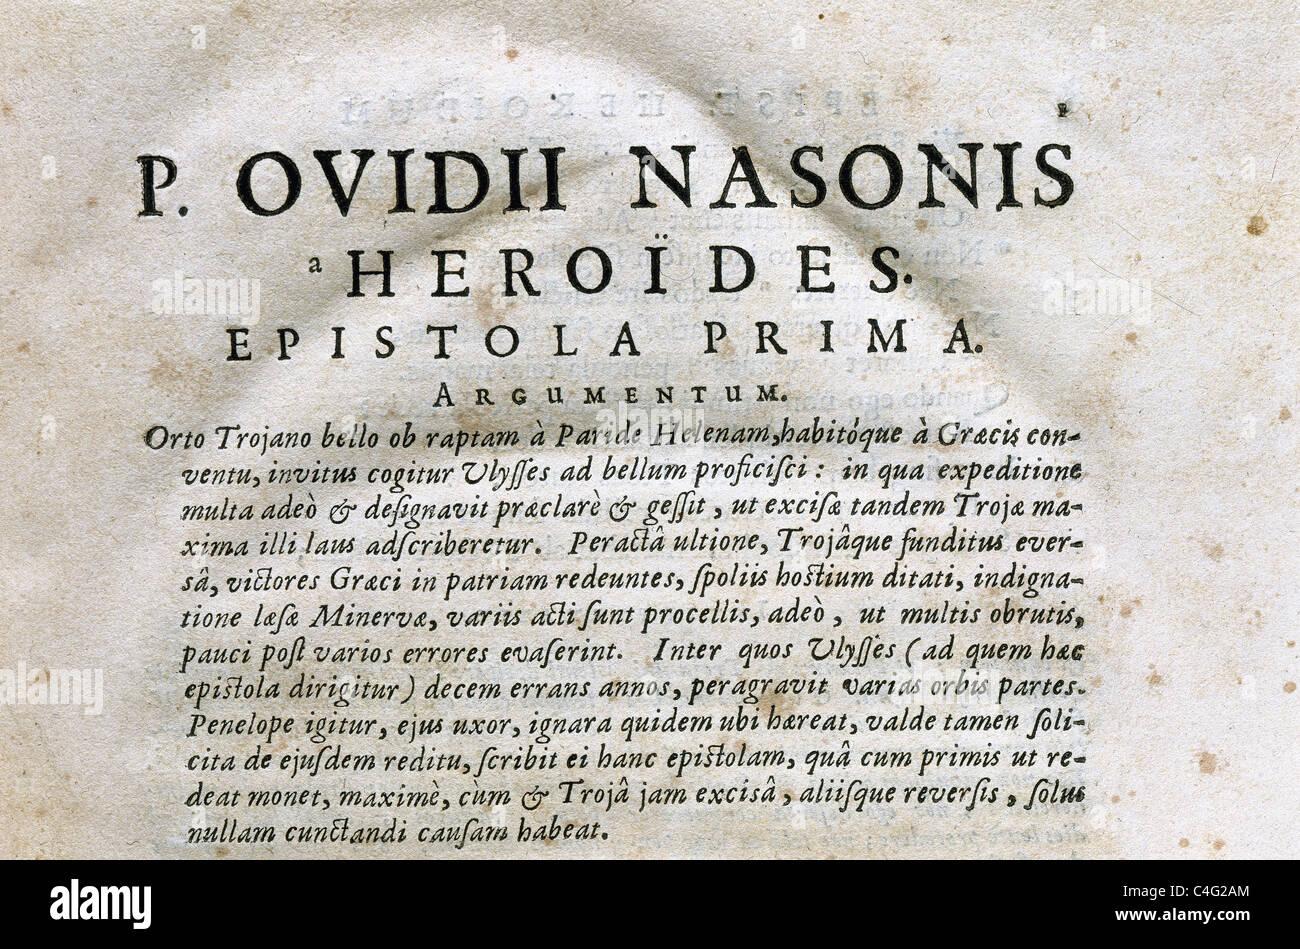 """Publius Ovidius Naso (43 B.C.-17/18 A.C.), als Ovid bekannt. Die Heroides (""""Heldinnen"""") oder Epistulae Heroidum. Stockfoto"""